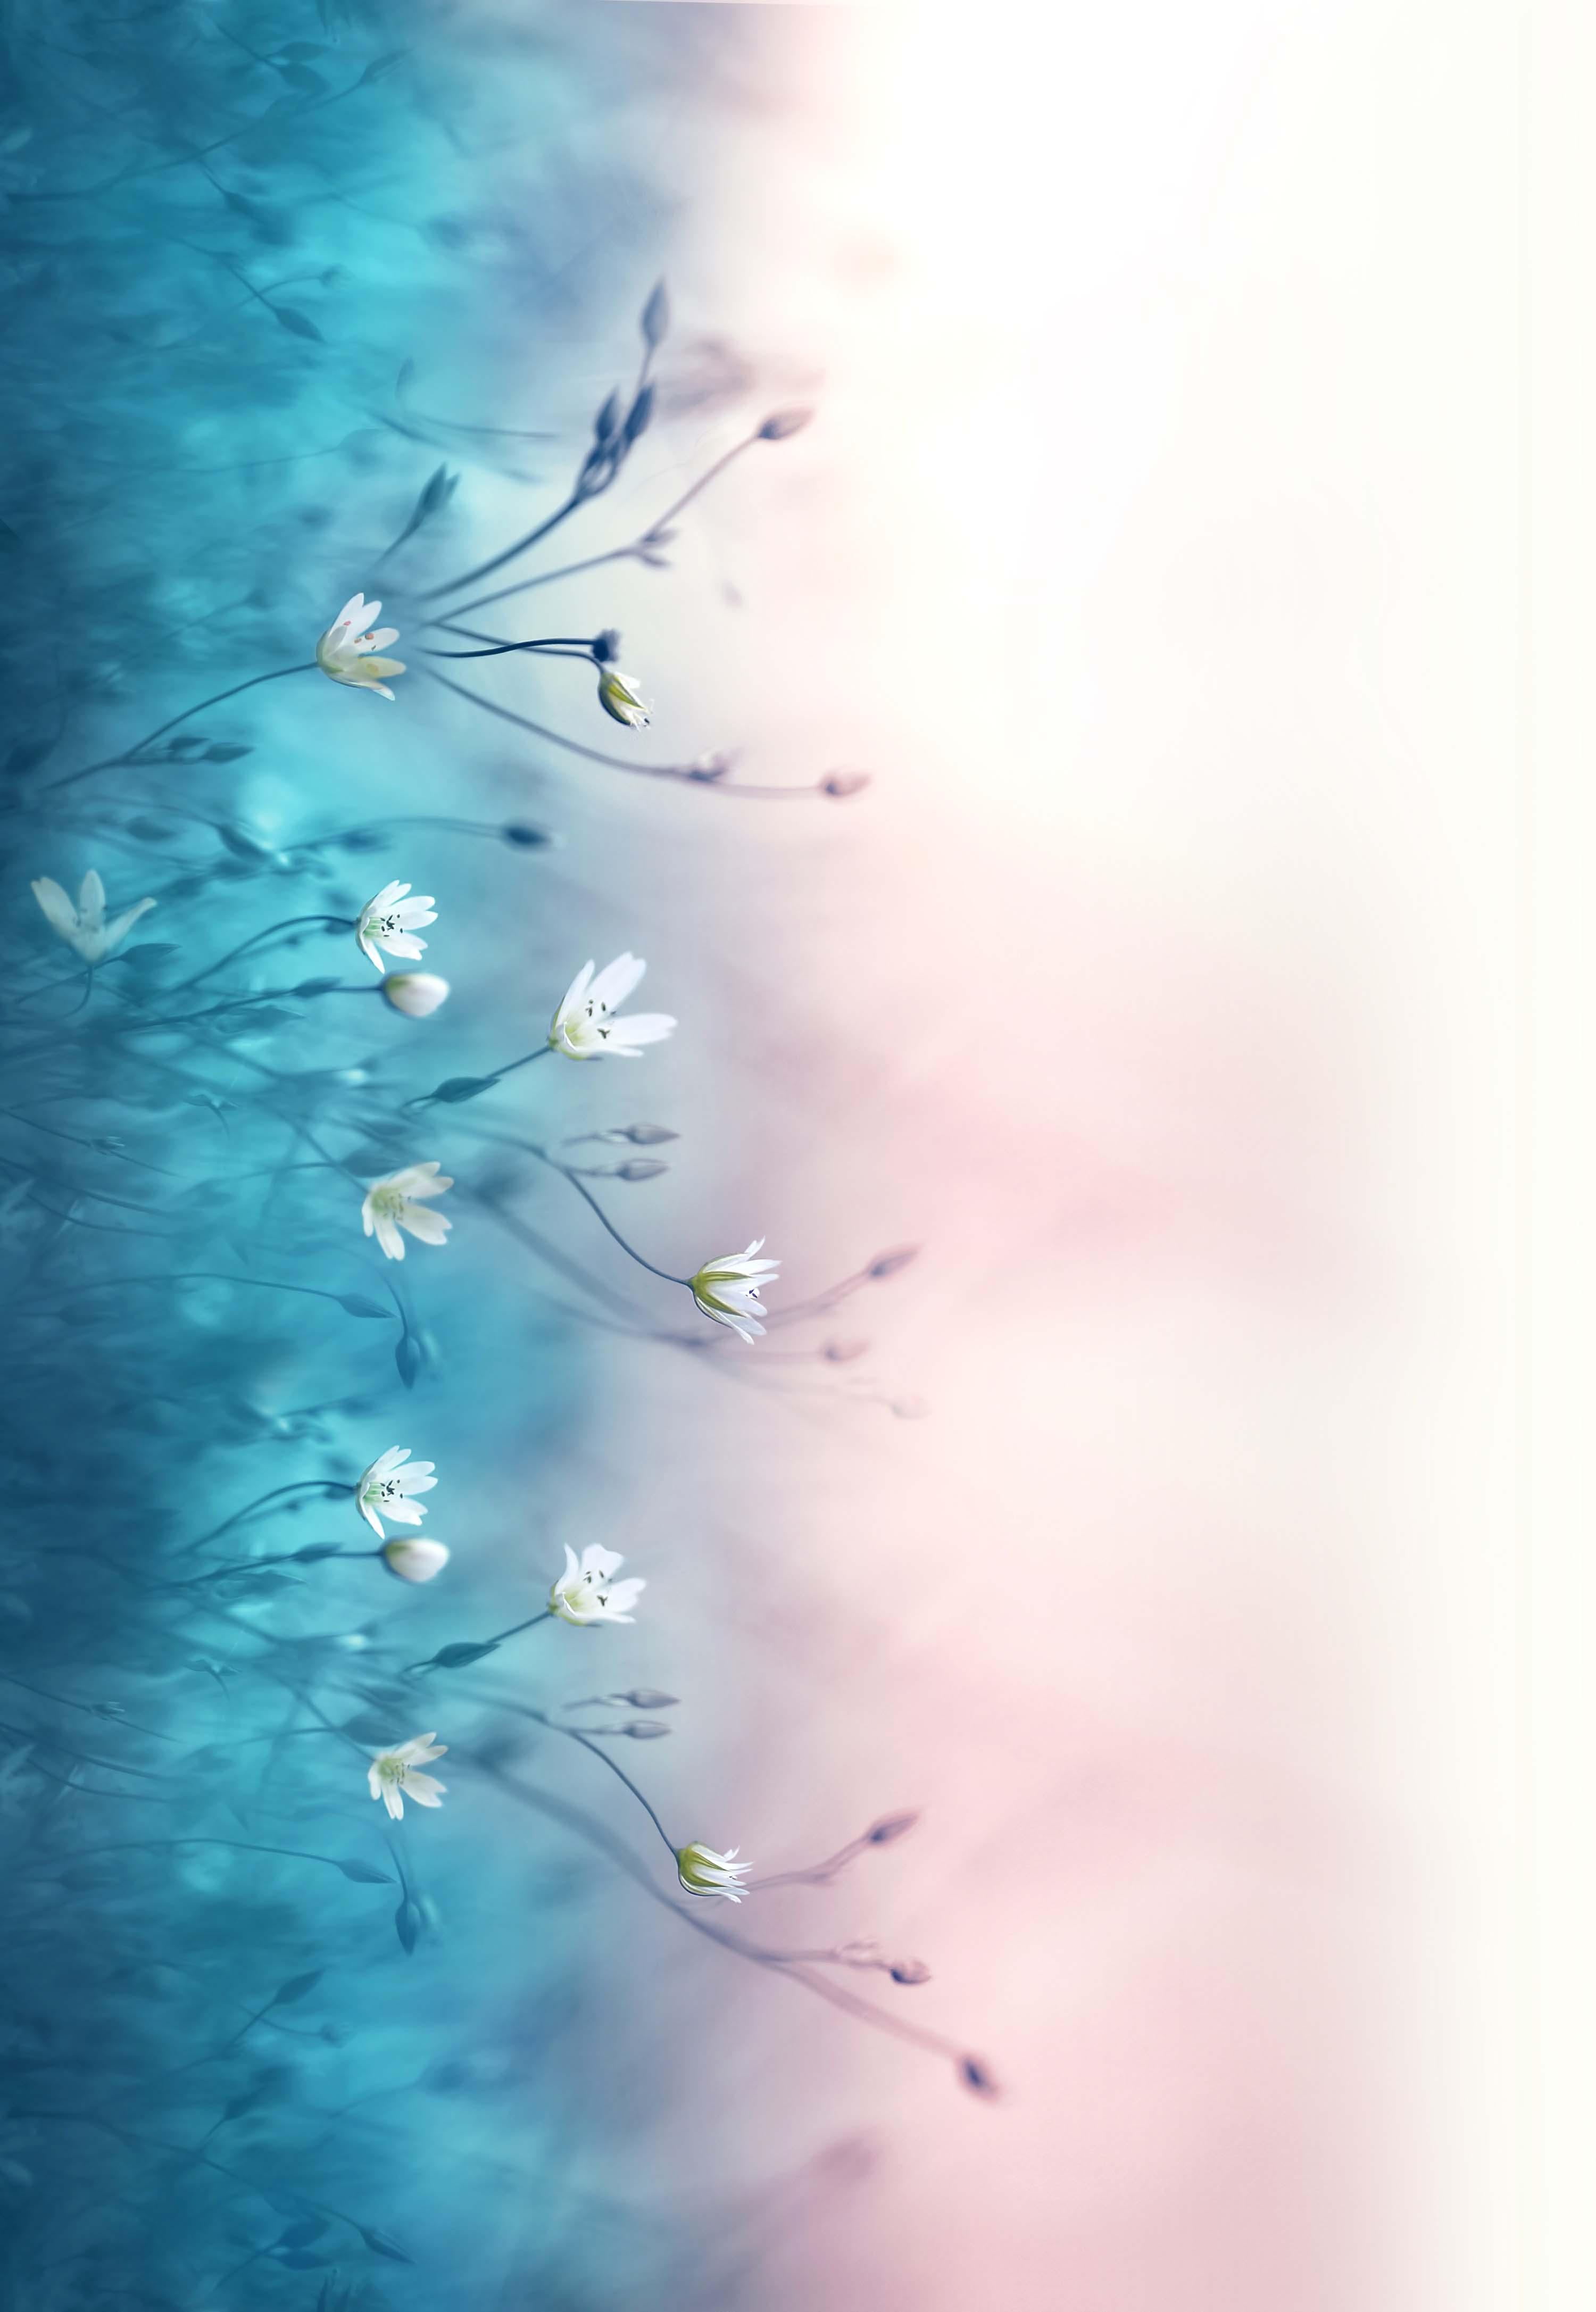 Baumwolljersey - Little Flowers - Bordüre - Schnuckidu Eigenproduktion - Vorbestellung